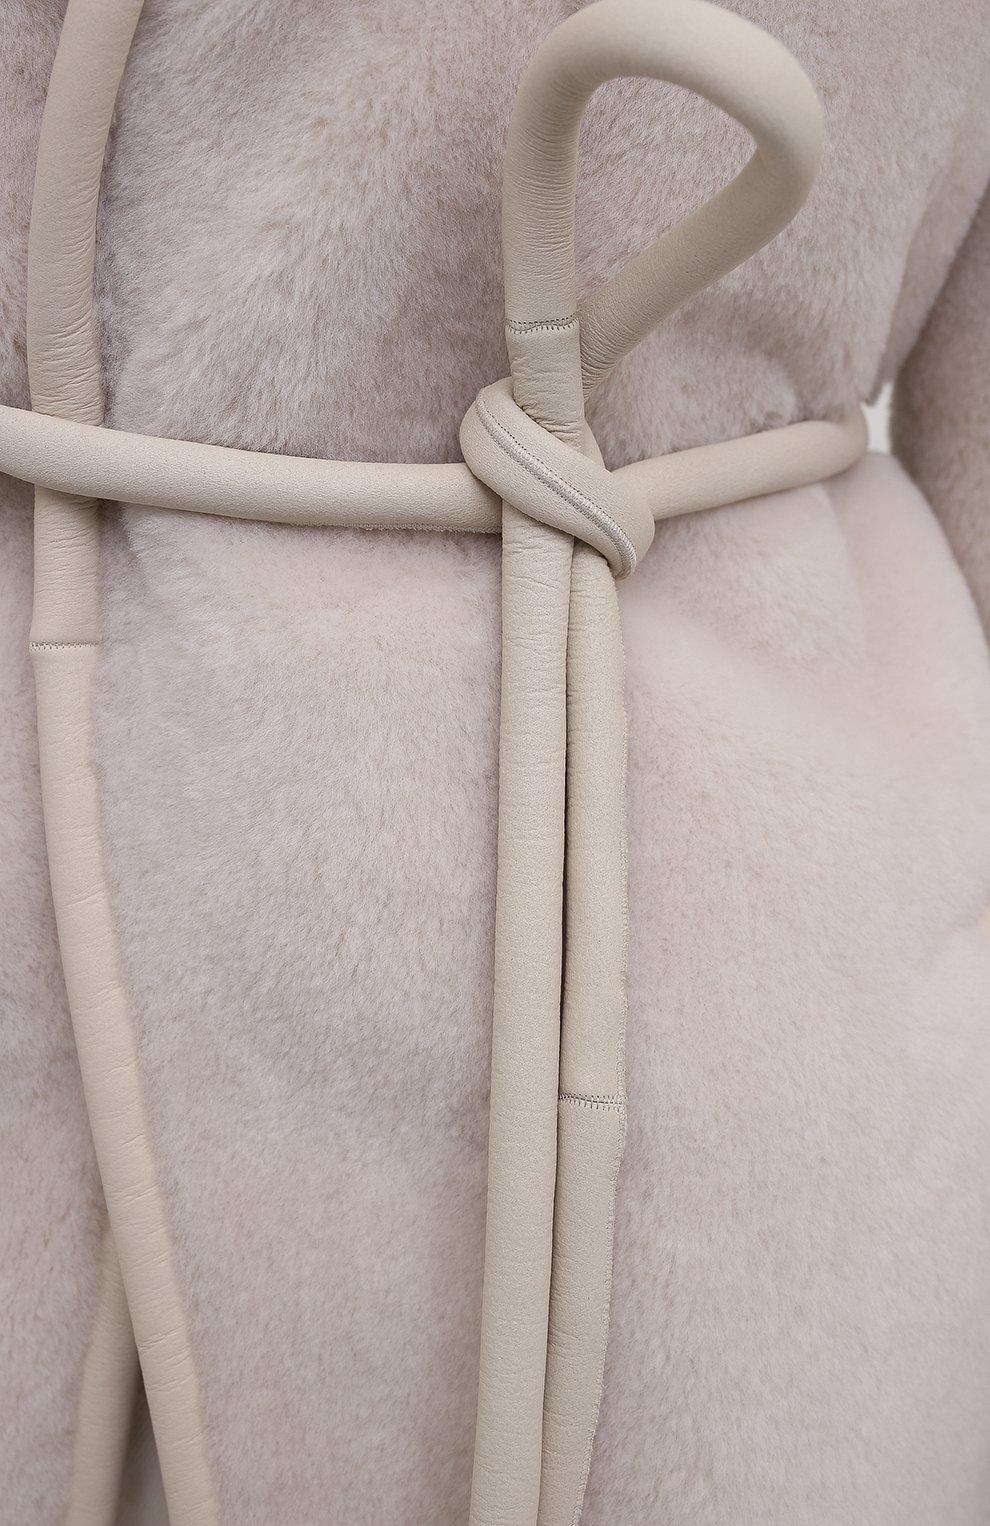 Женская двусторонняя дубленка с отделкой из норки BLANCHA кремвого цвета, арт. 21095/300/20/LATTE   Фото 6 (Женское Кросс-КТ: Мех; Рукава: Длинные; Материал внешний: Натуральный мех; Длина (верхняя одежда): До середины бедра; Стили: Кэжуэл)